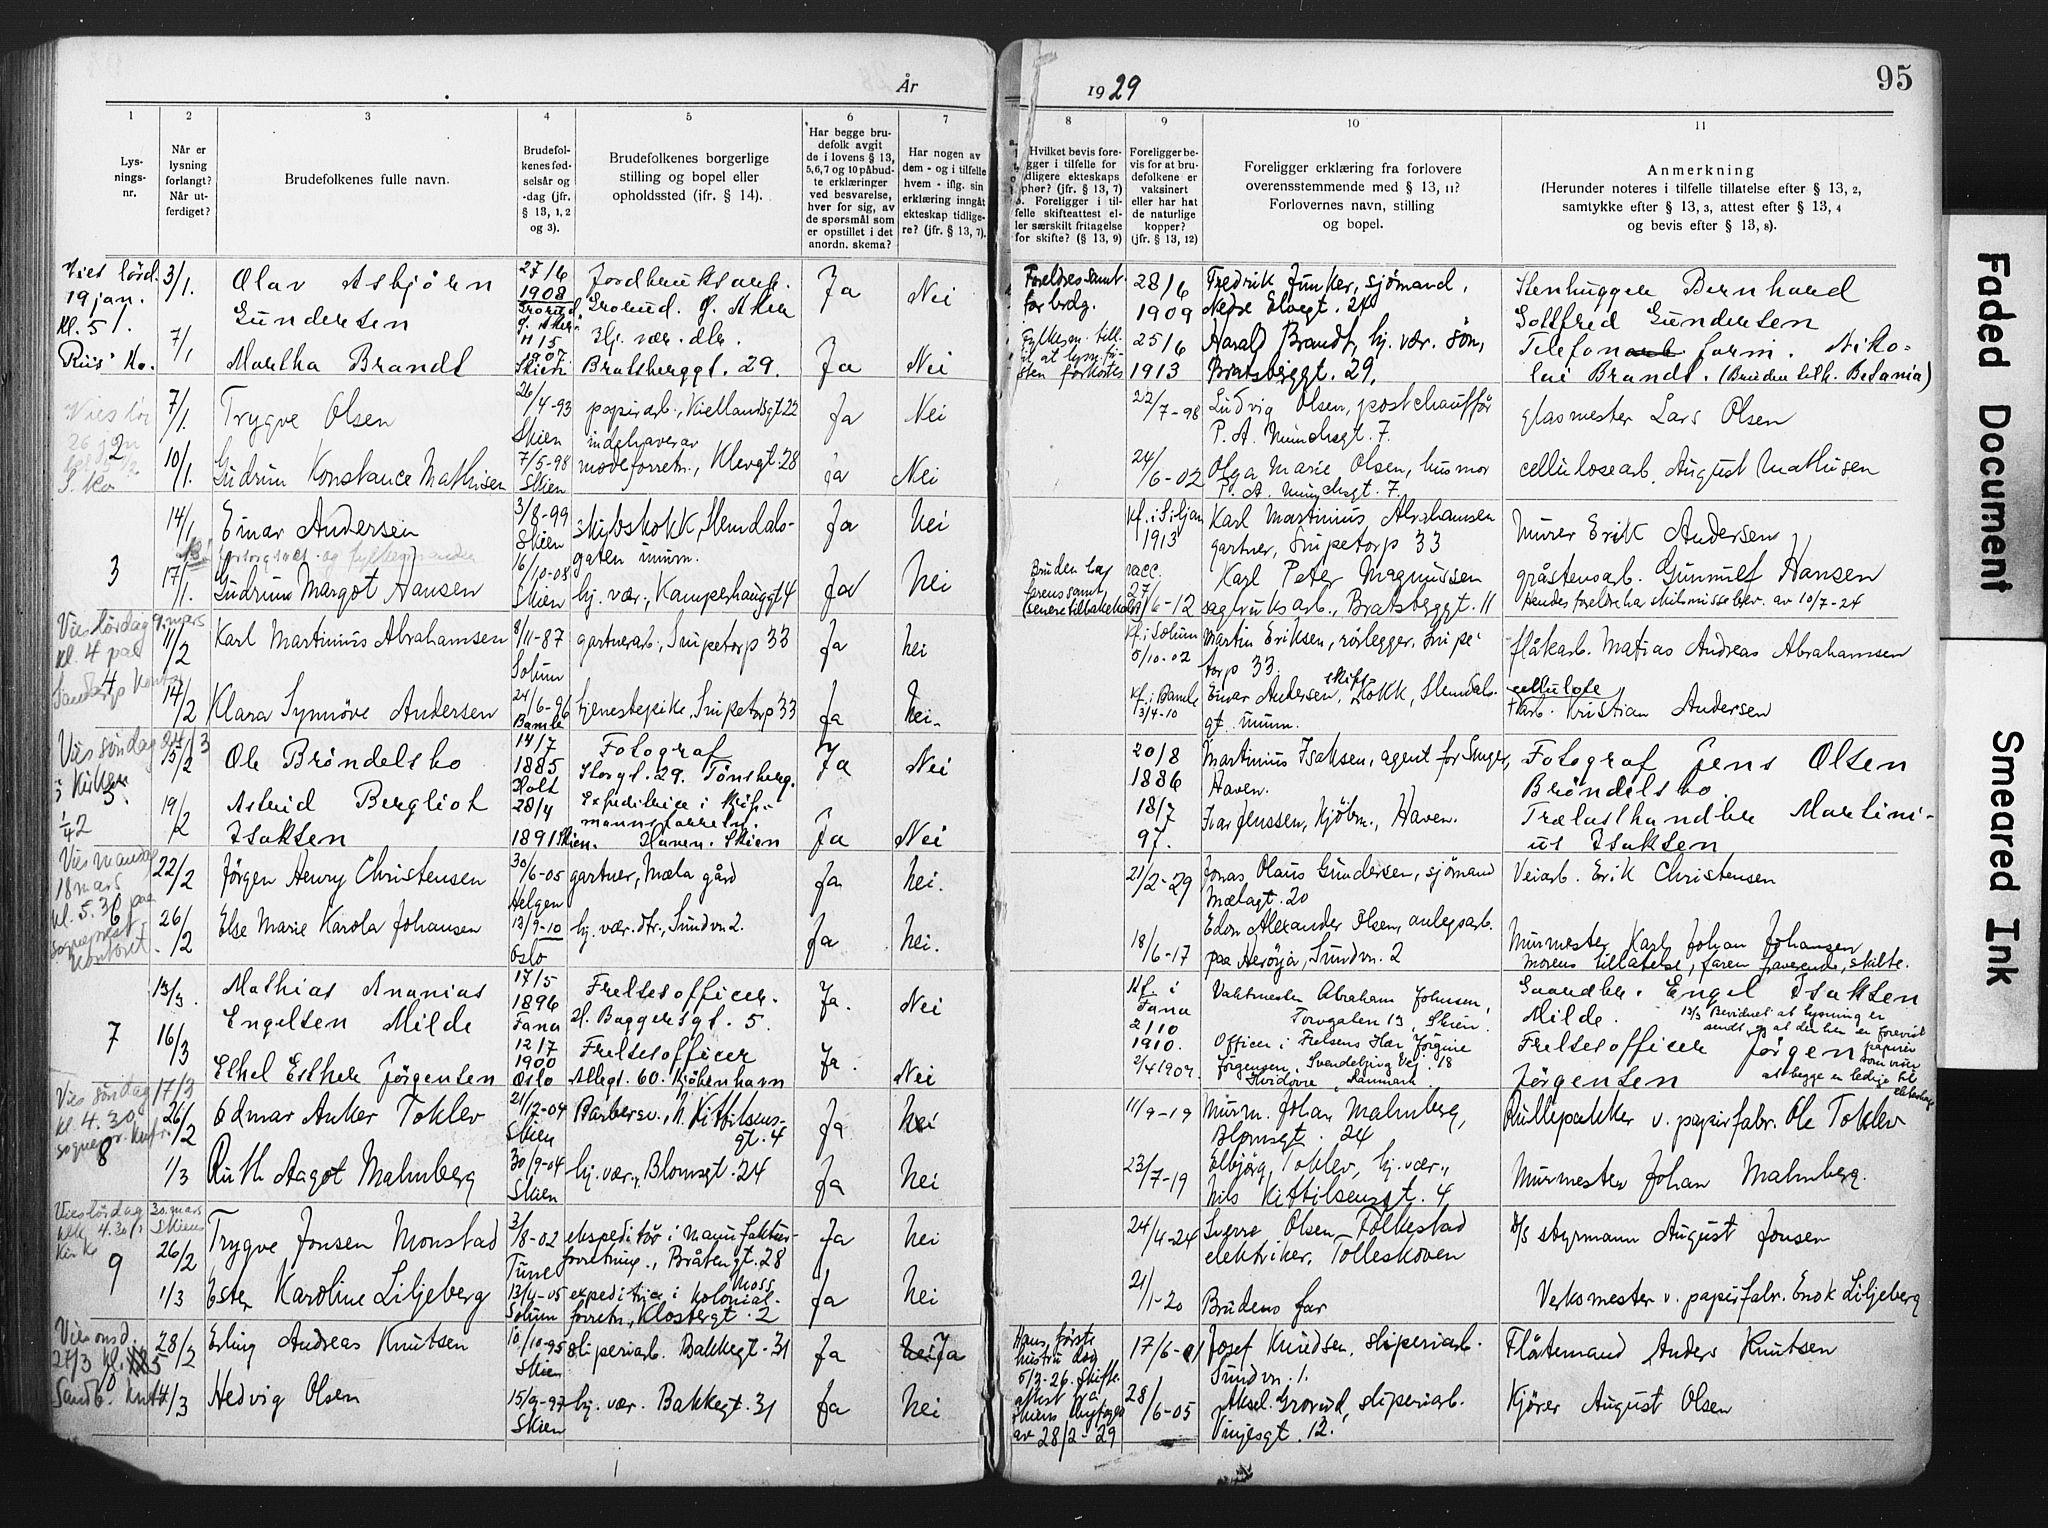 SAKO, Skien kirkebøker, H/Ha/L0001: Lysningsprotokoll nr. 1, 1919-1929, s. 95